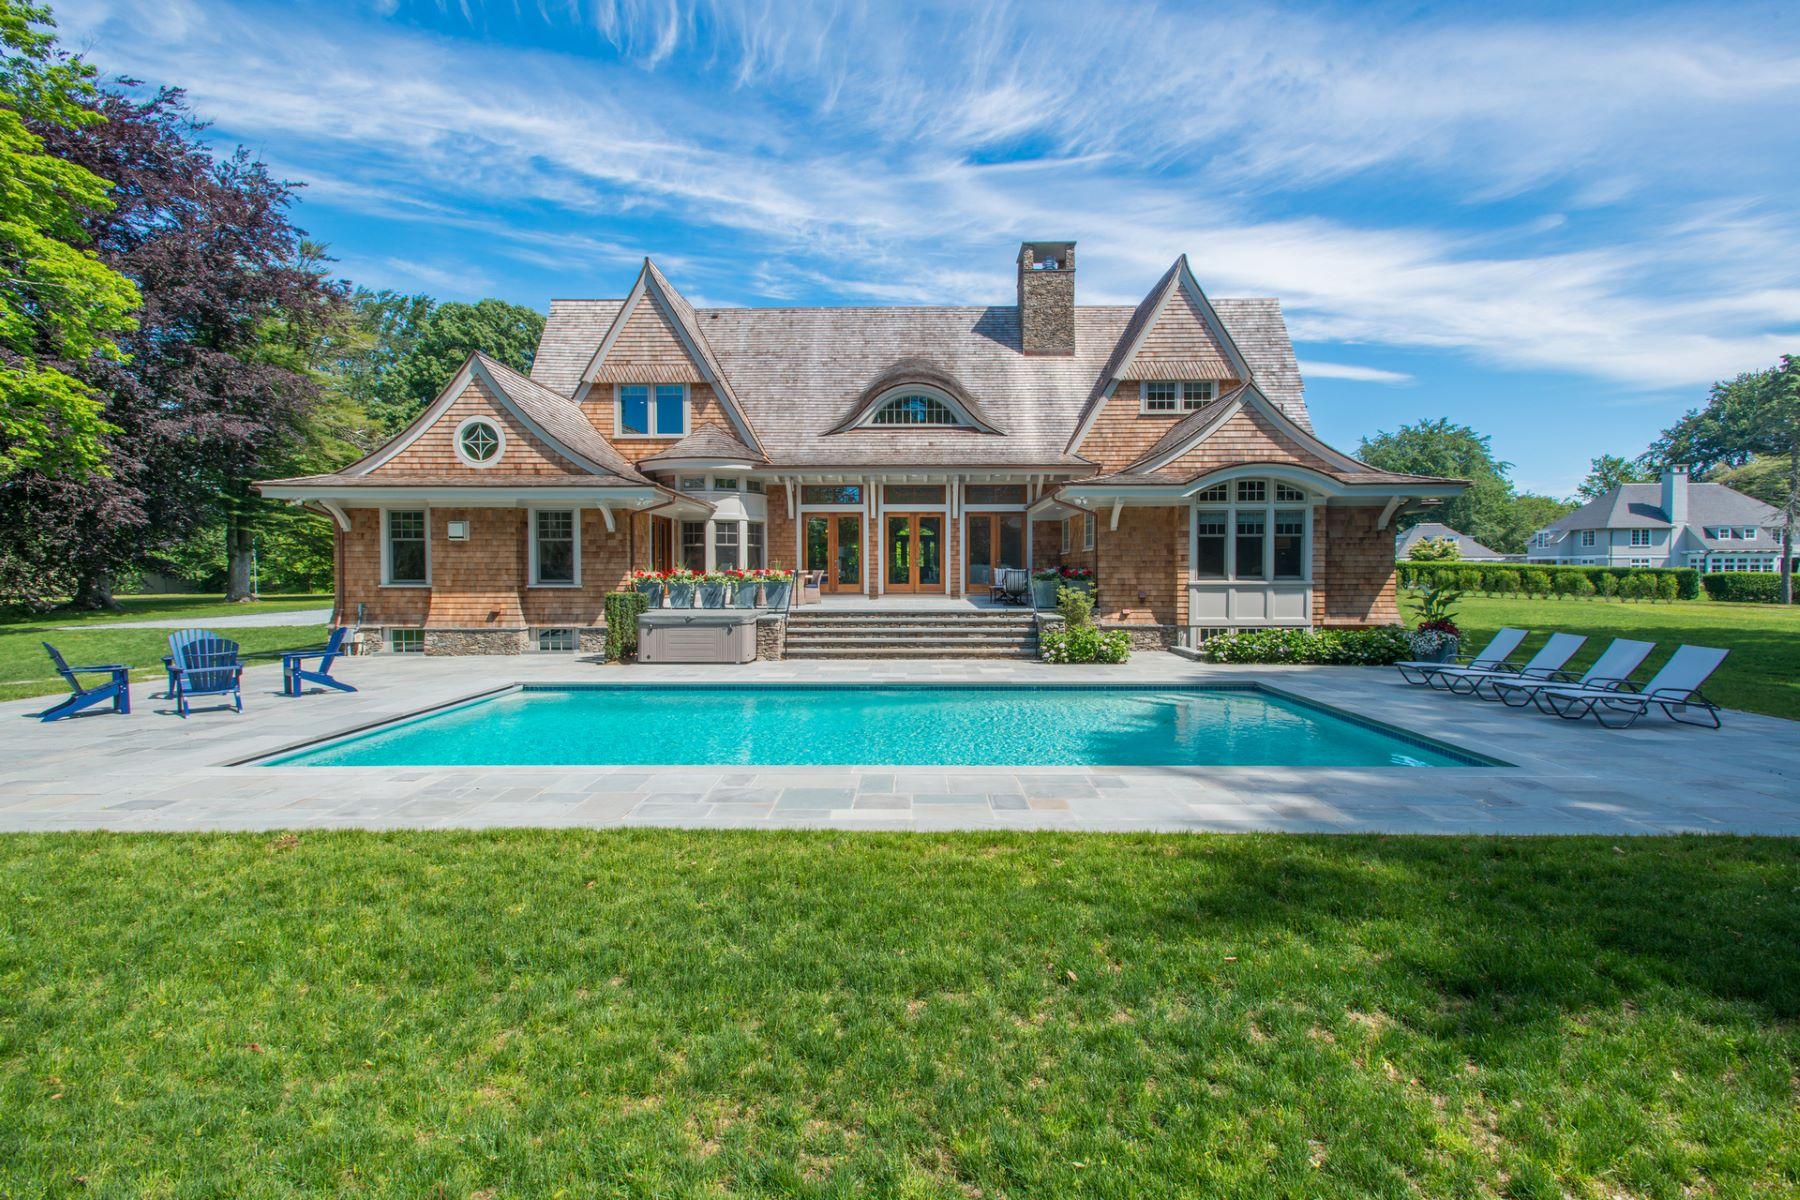 独户住宅 为 销售 在 Ocean Lawn 10 Ocean Lawn Lane 纽波特, 02840 美国